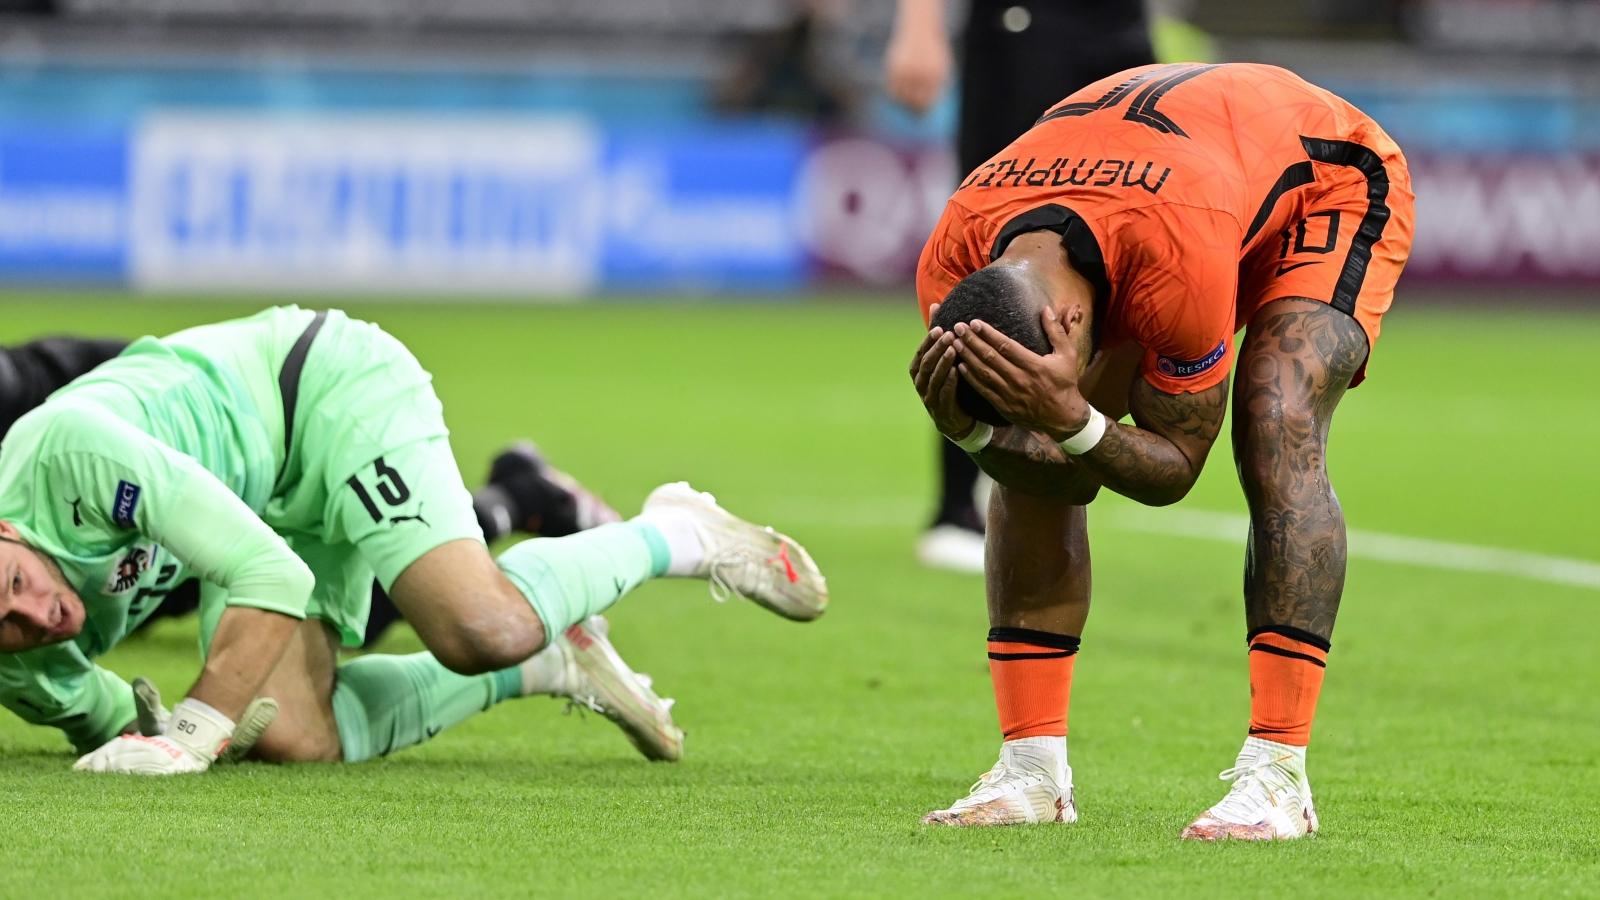 TRỰC TIẾP Hà Lan 1-0 Áo: Depay bỏ lỡ khó tin